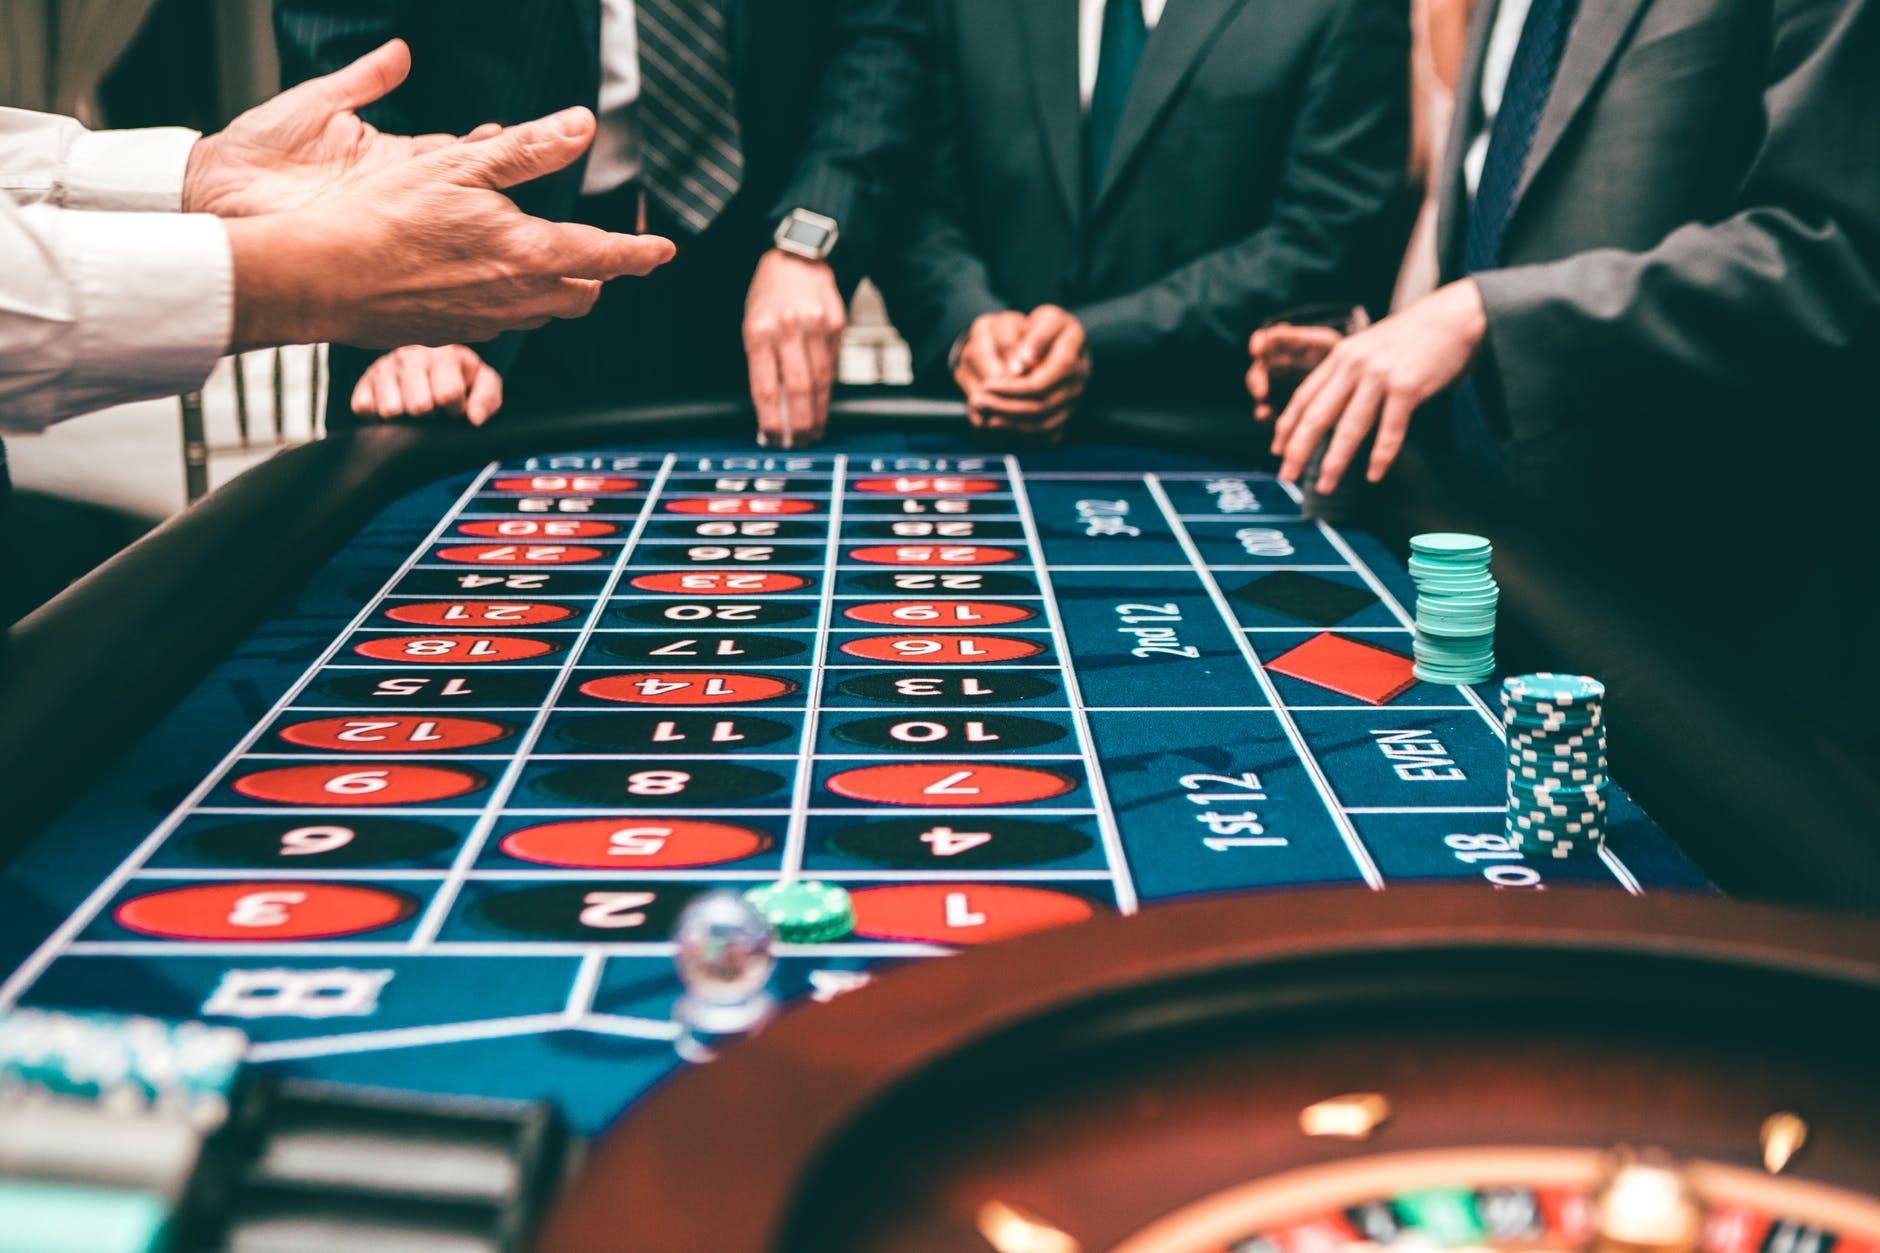 Plusieurs manières vous permettent d'entrer en contact avec les casinos Barrière. La première méthode est de vous rendre sur le site internet officiel des casinos Barrière : https://www.casinosbarriere.com/fr/.